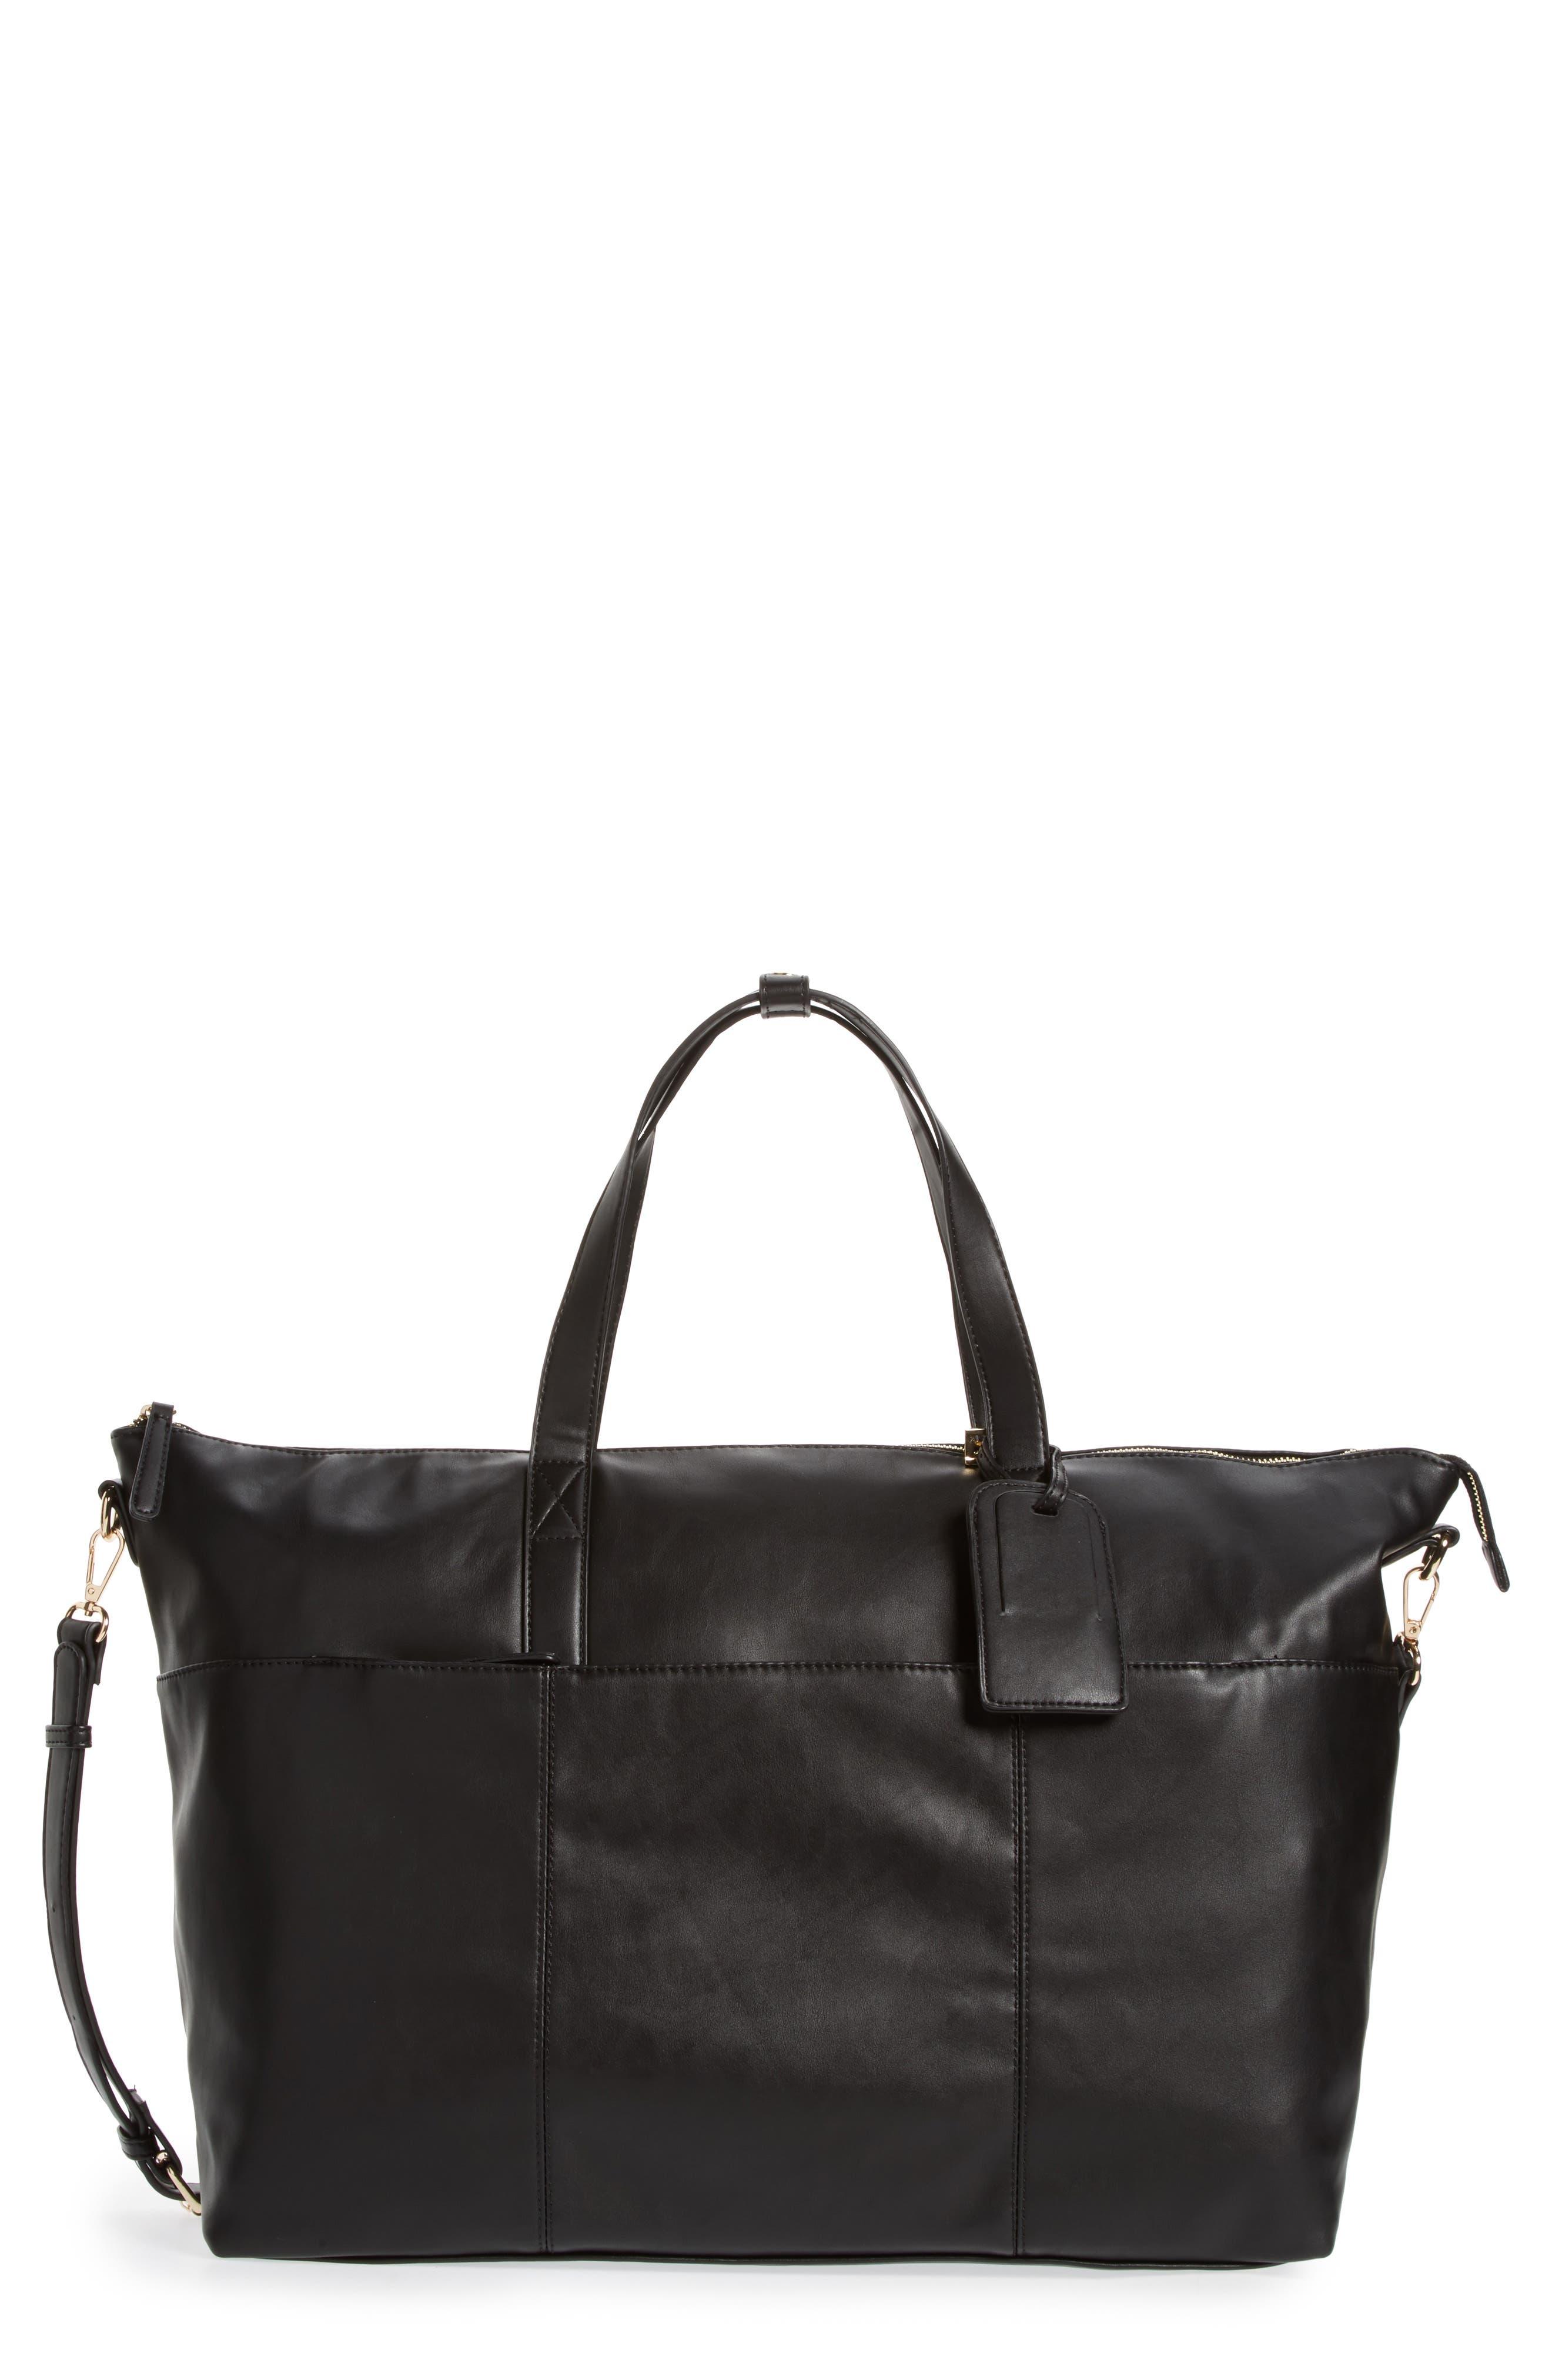 Kelis Duffel Bag,                         Main,                         color, Black